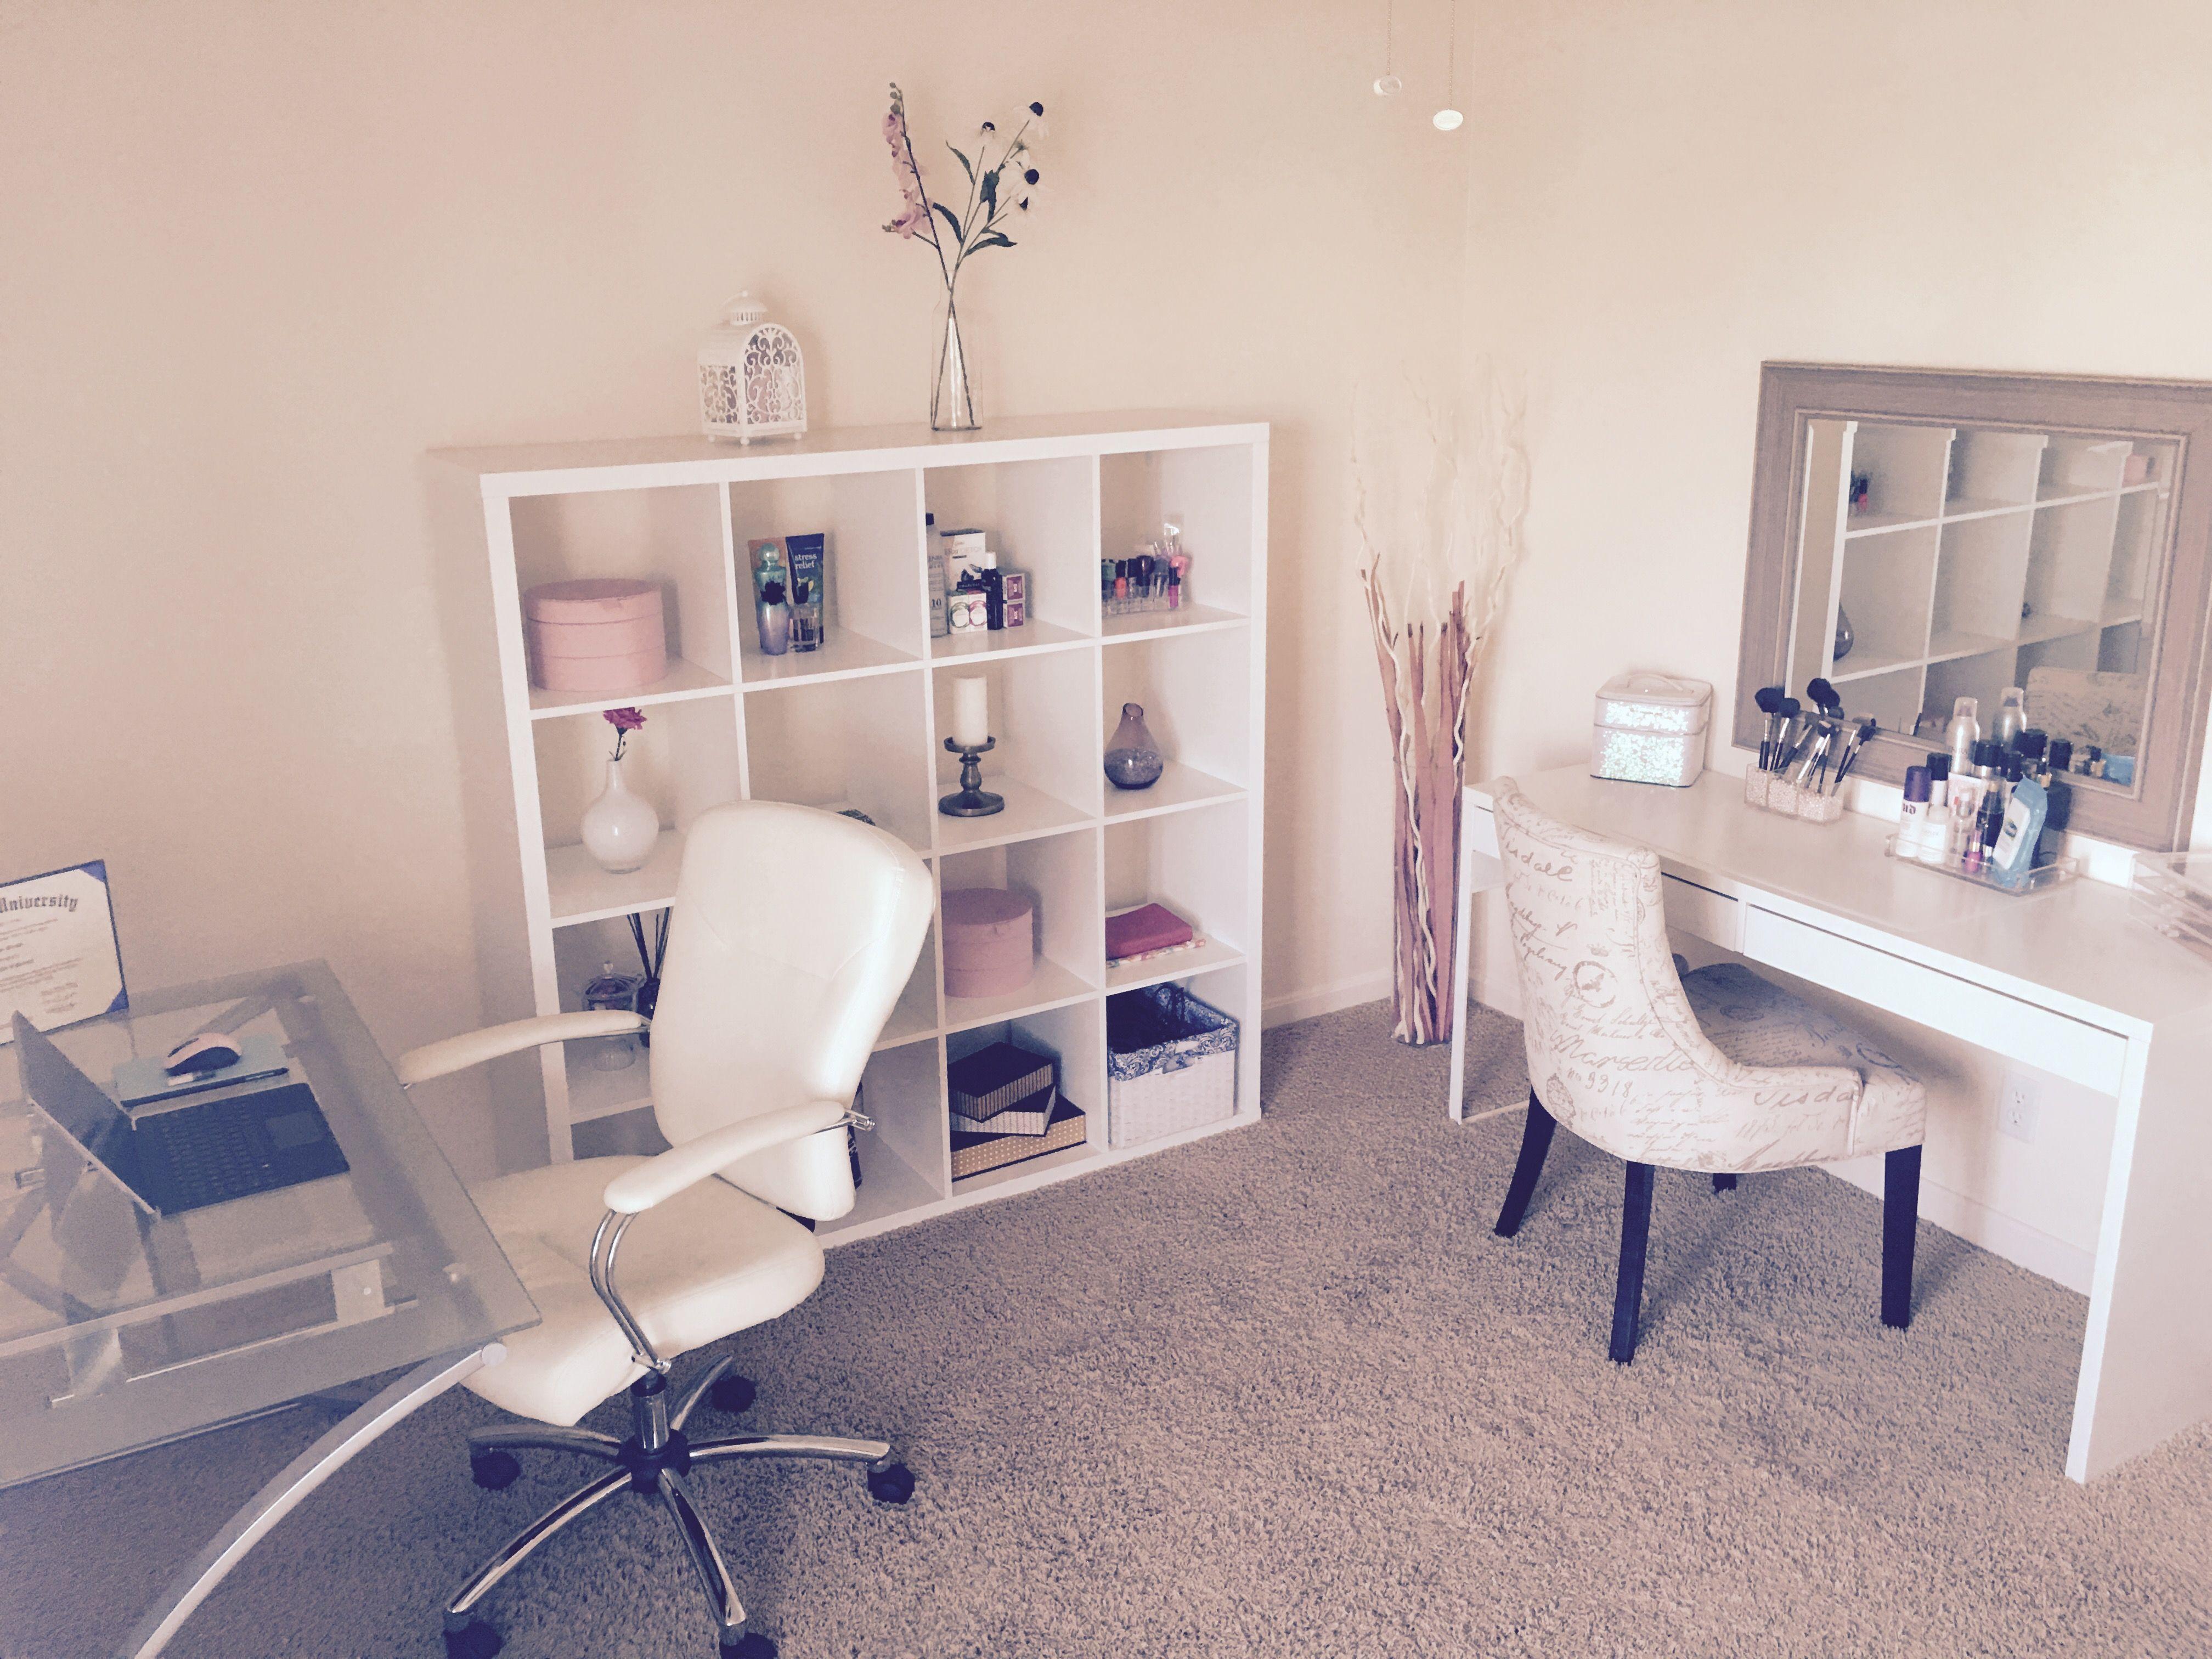 Pin de Laila Kahiel em Beauty & Office/Craft Room Setup